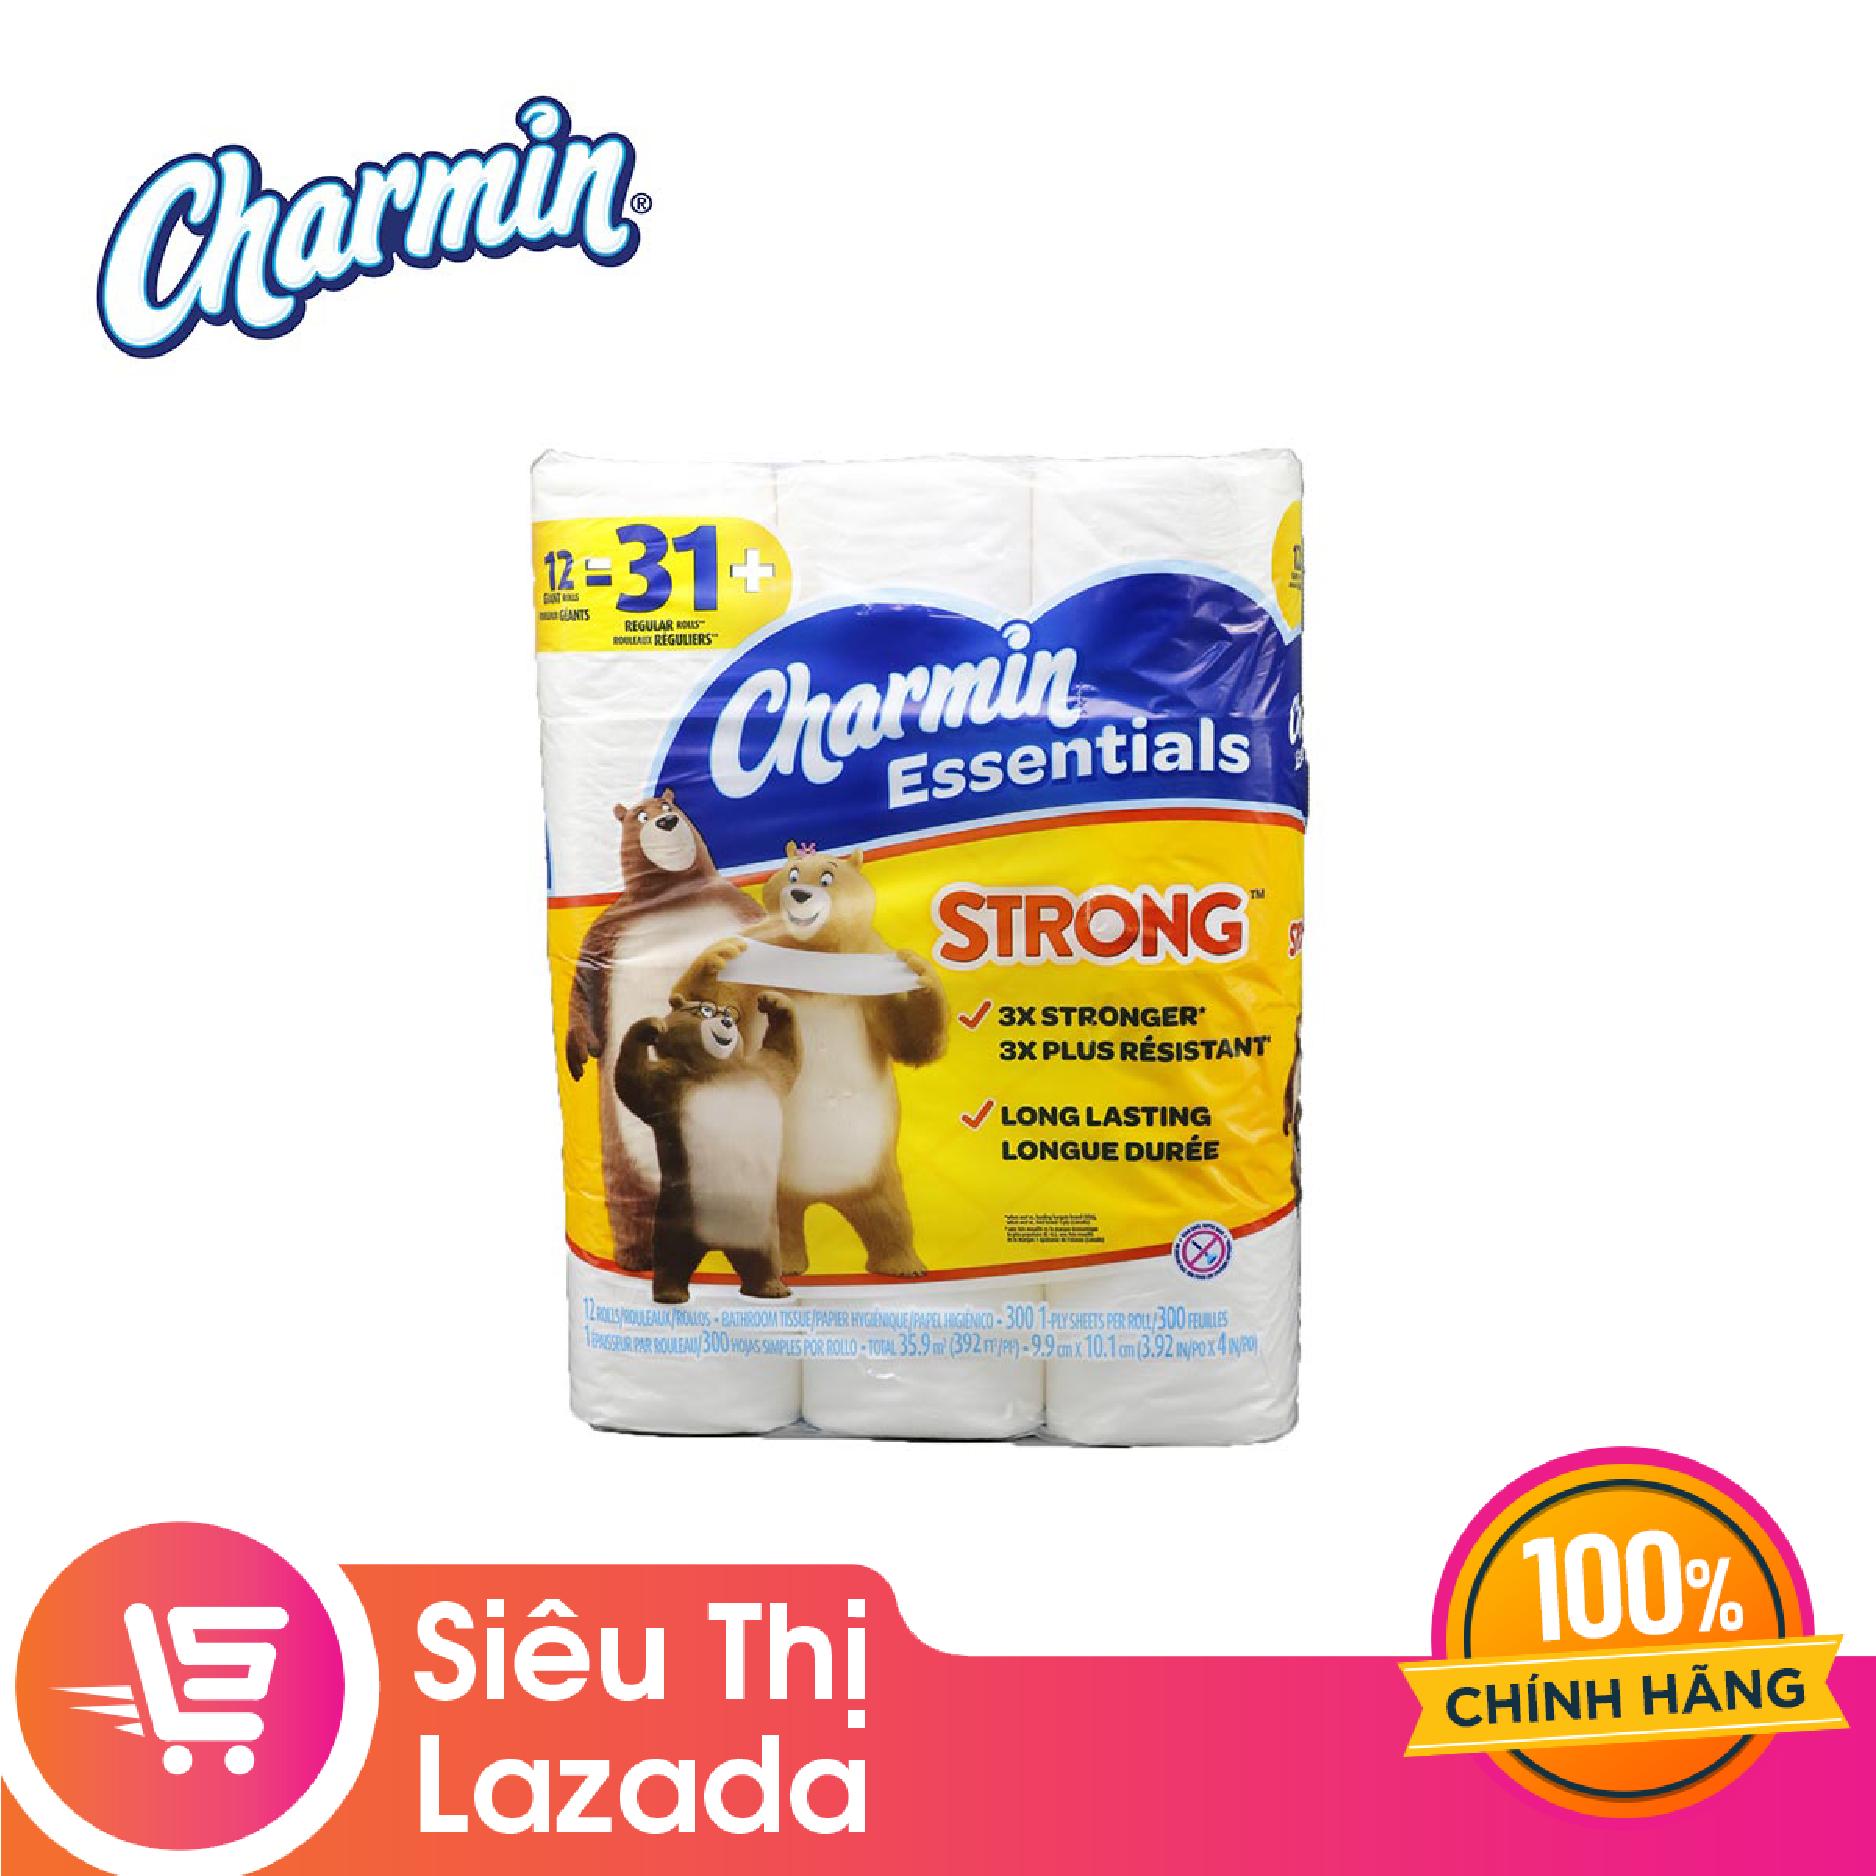 [Siêu thị Lazada] Giấy vệ sinh Charmin Ess. Strong 12 cuộn chất liệu mềm mịn, không rát da khi sử dụng, loại bỏ vết bẩn nhanh chóng